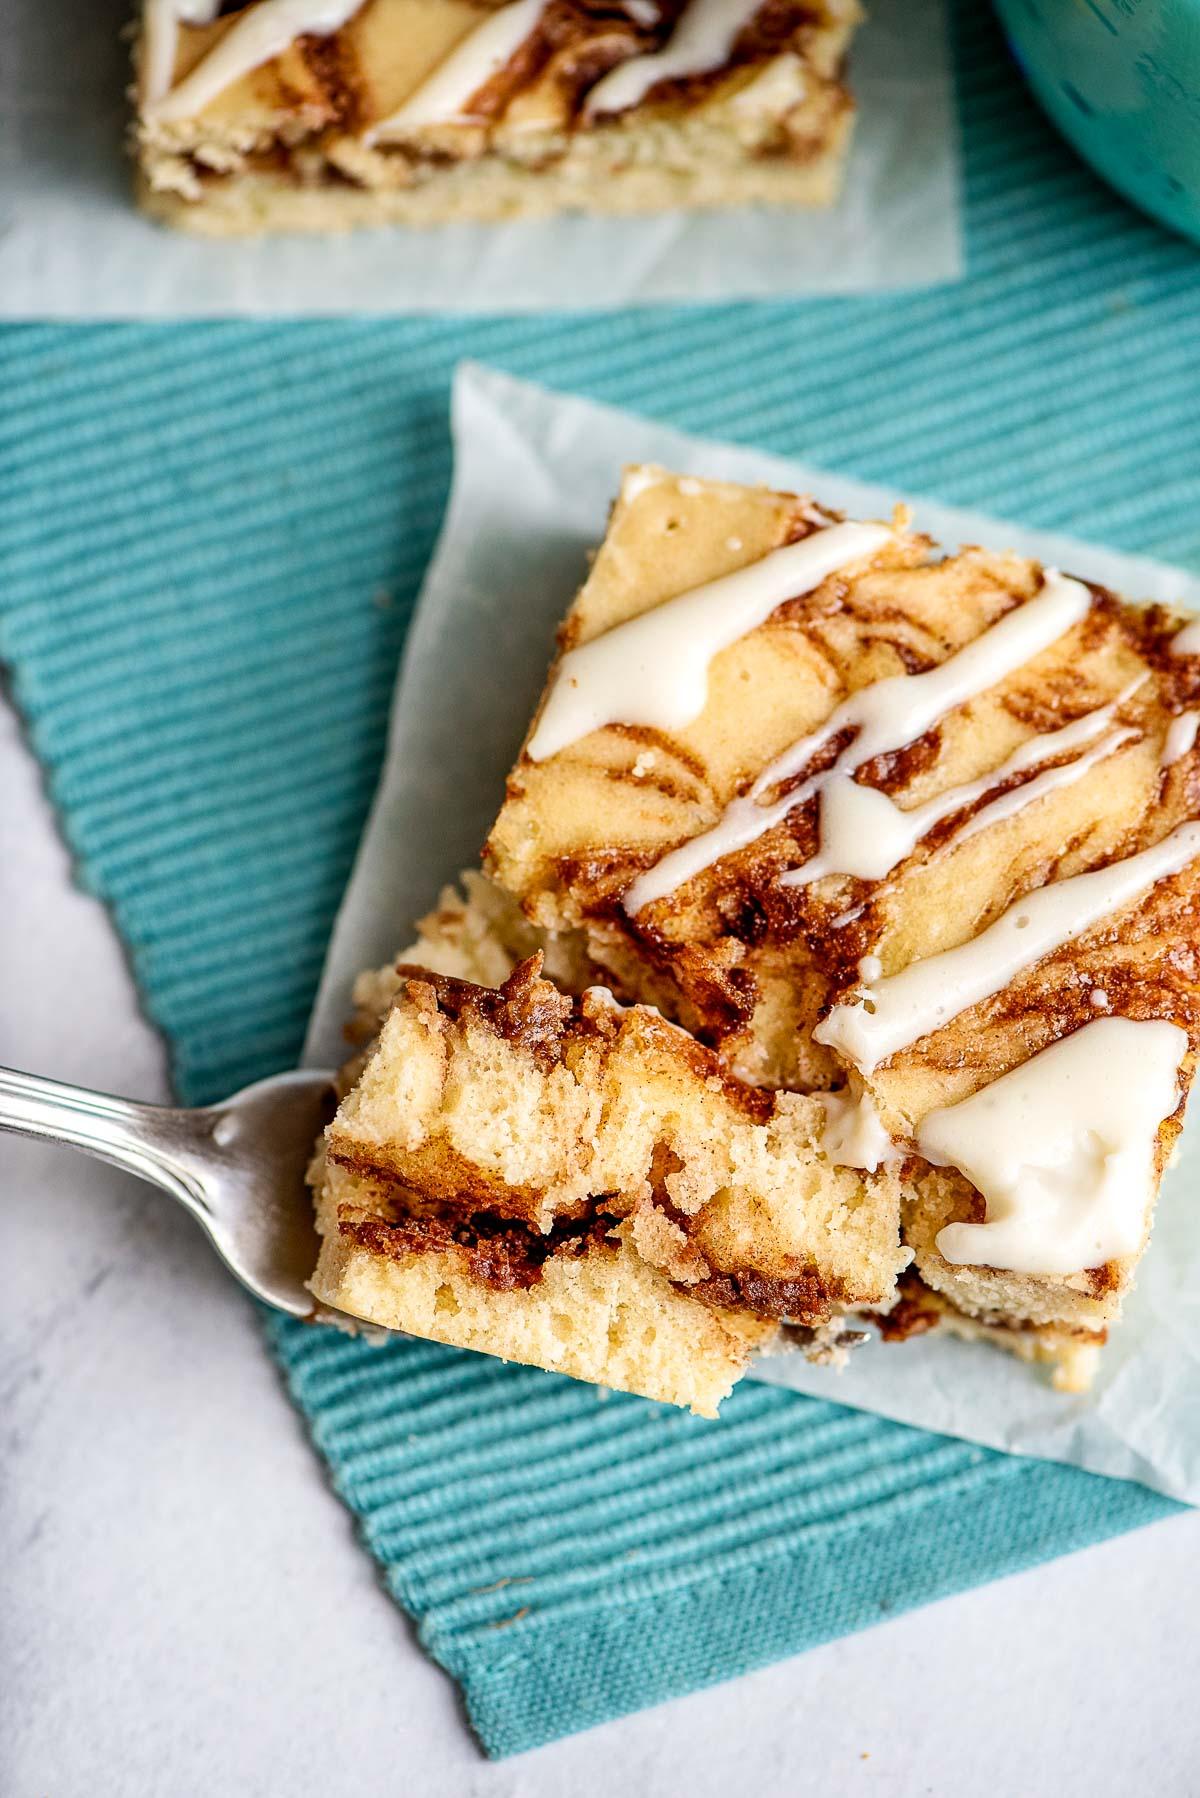 cinnamon roll cake bite on fork